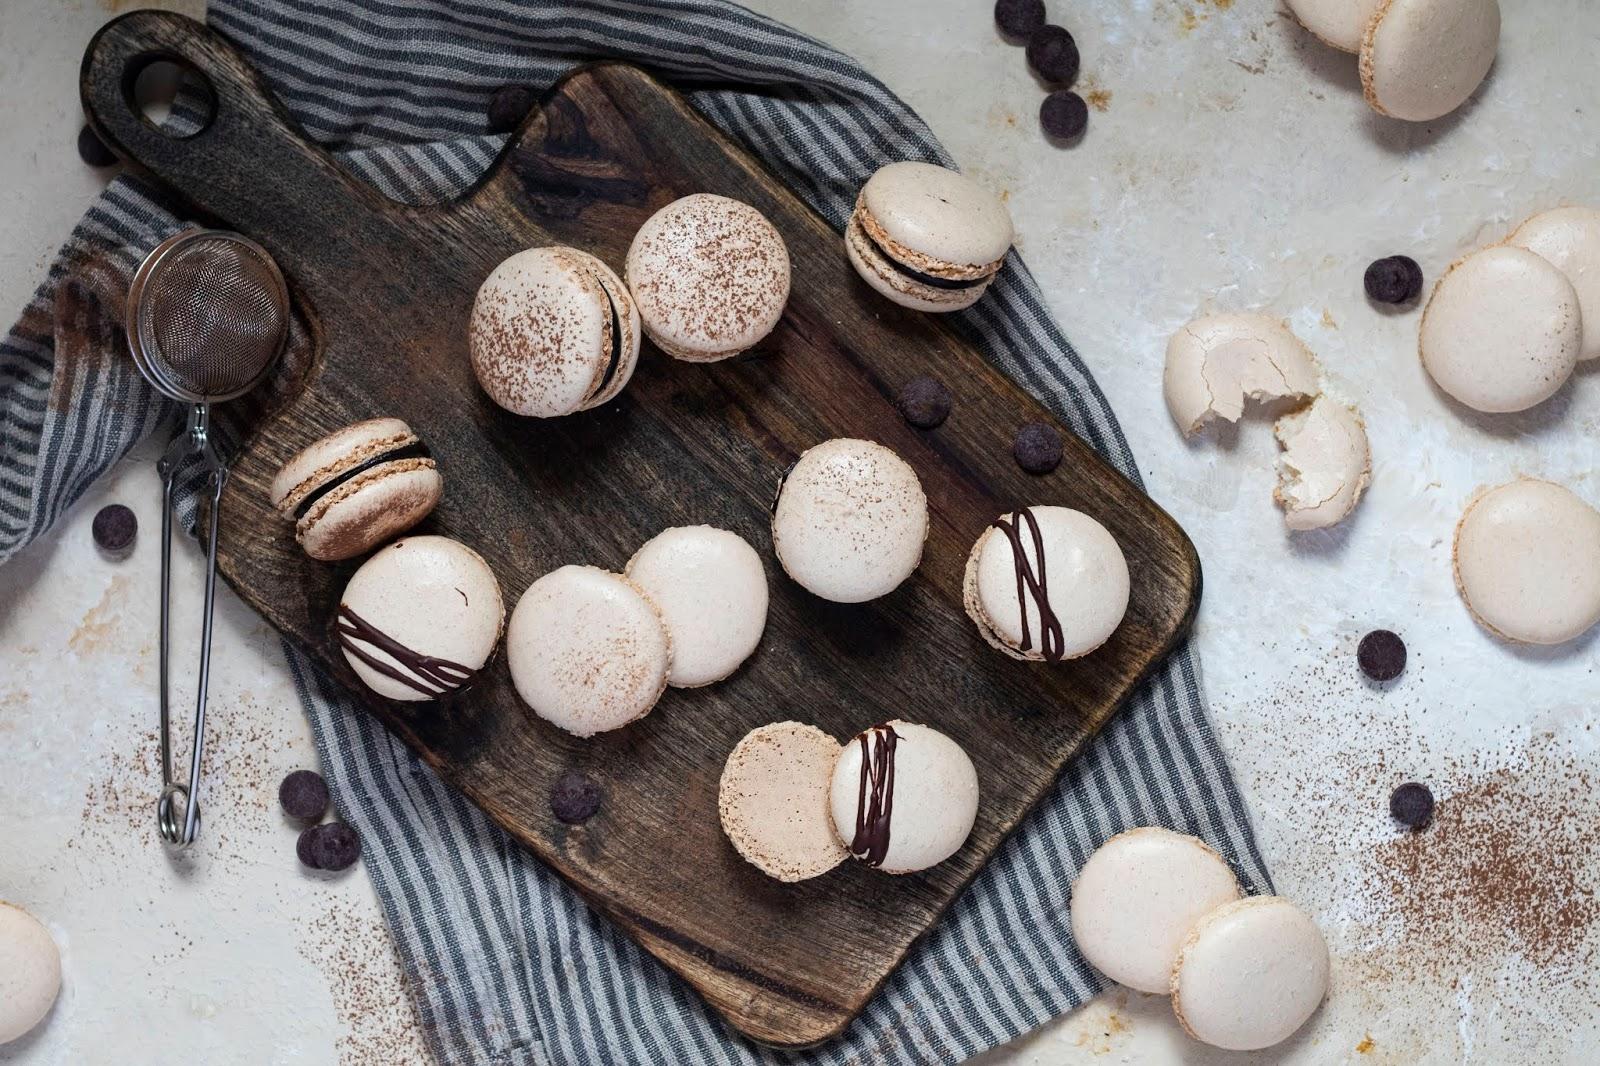 Recette pour réussir facilement vos macarons à la meringue italienne